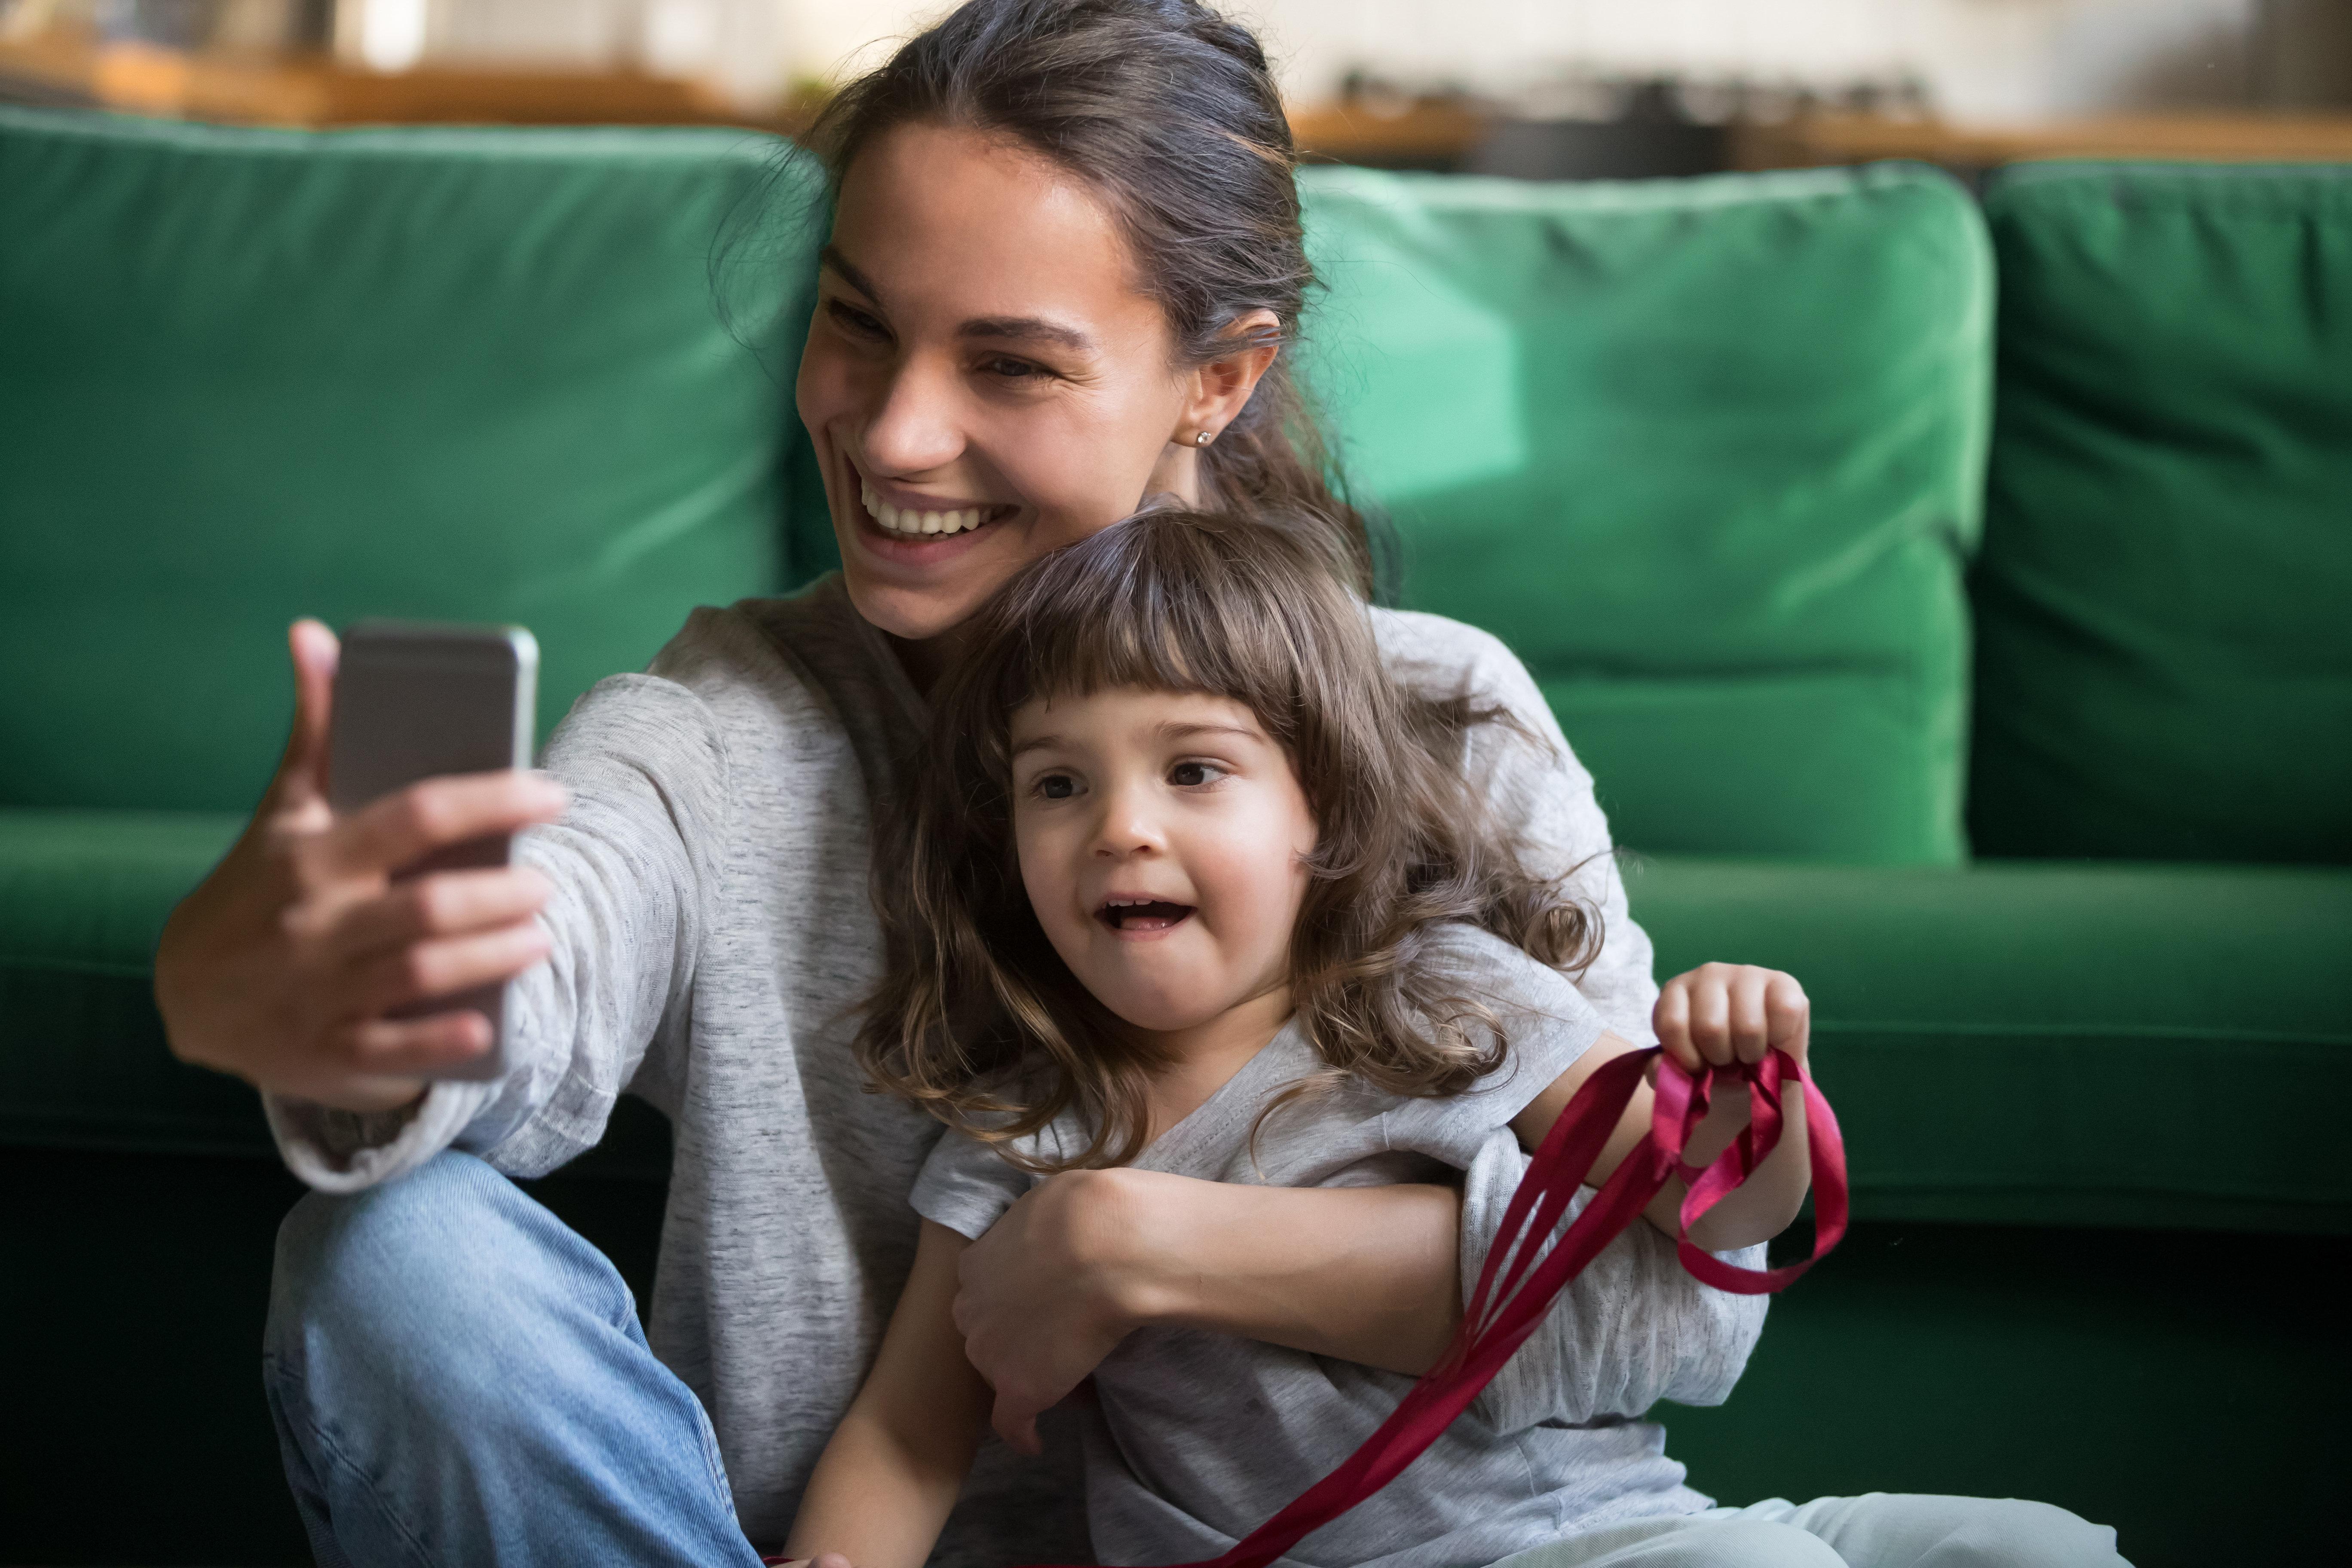 Ποια κινητά τηλέφωνα εκπέμπουν τα υψηλότερα επίπεδα ακτινοβολίας